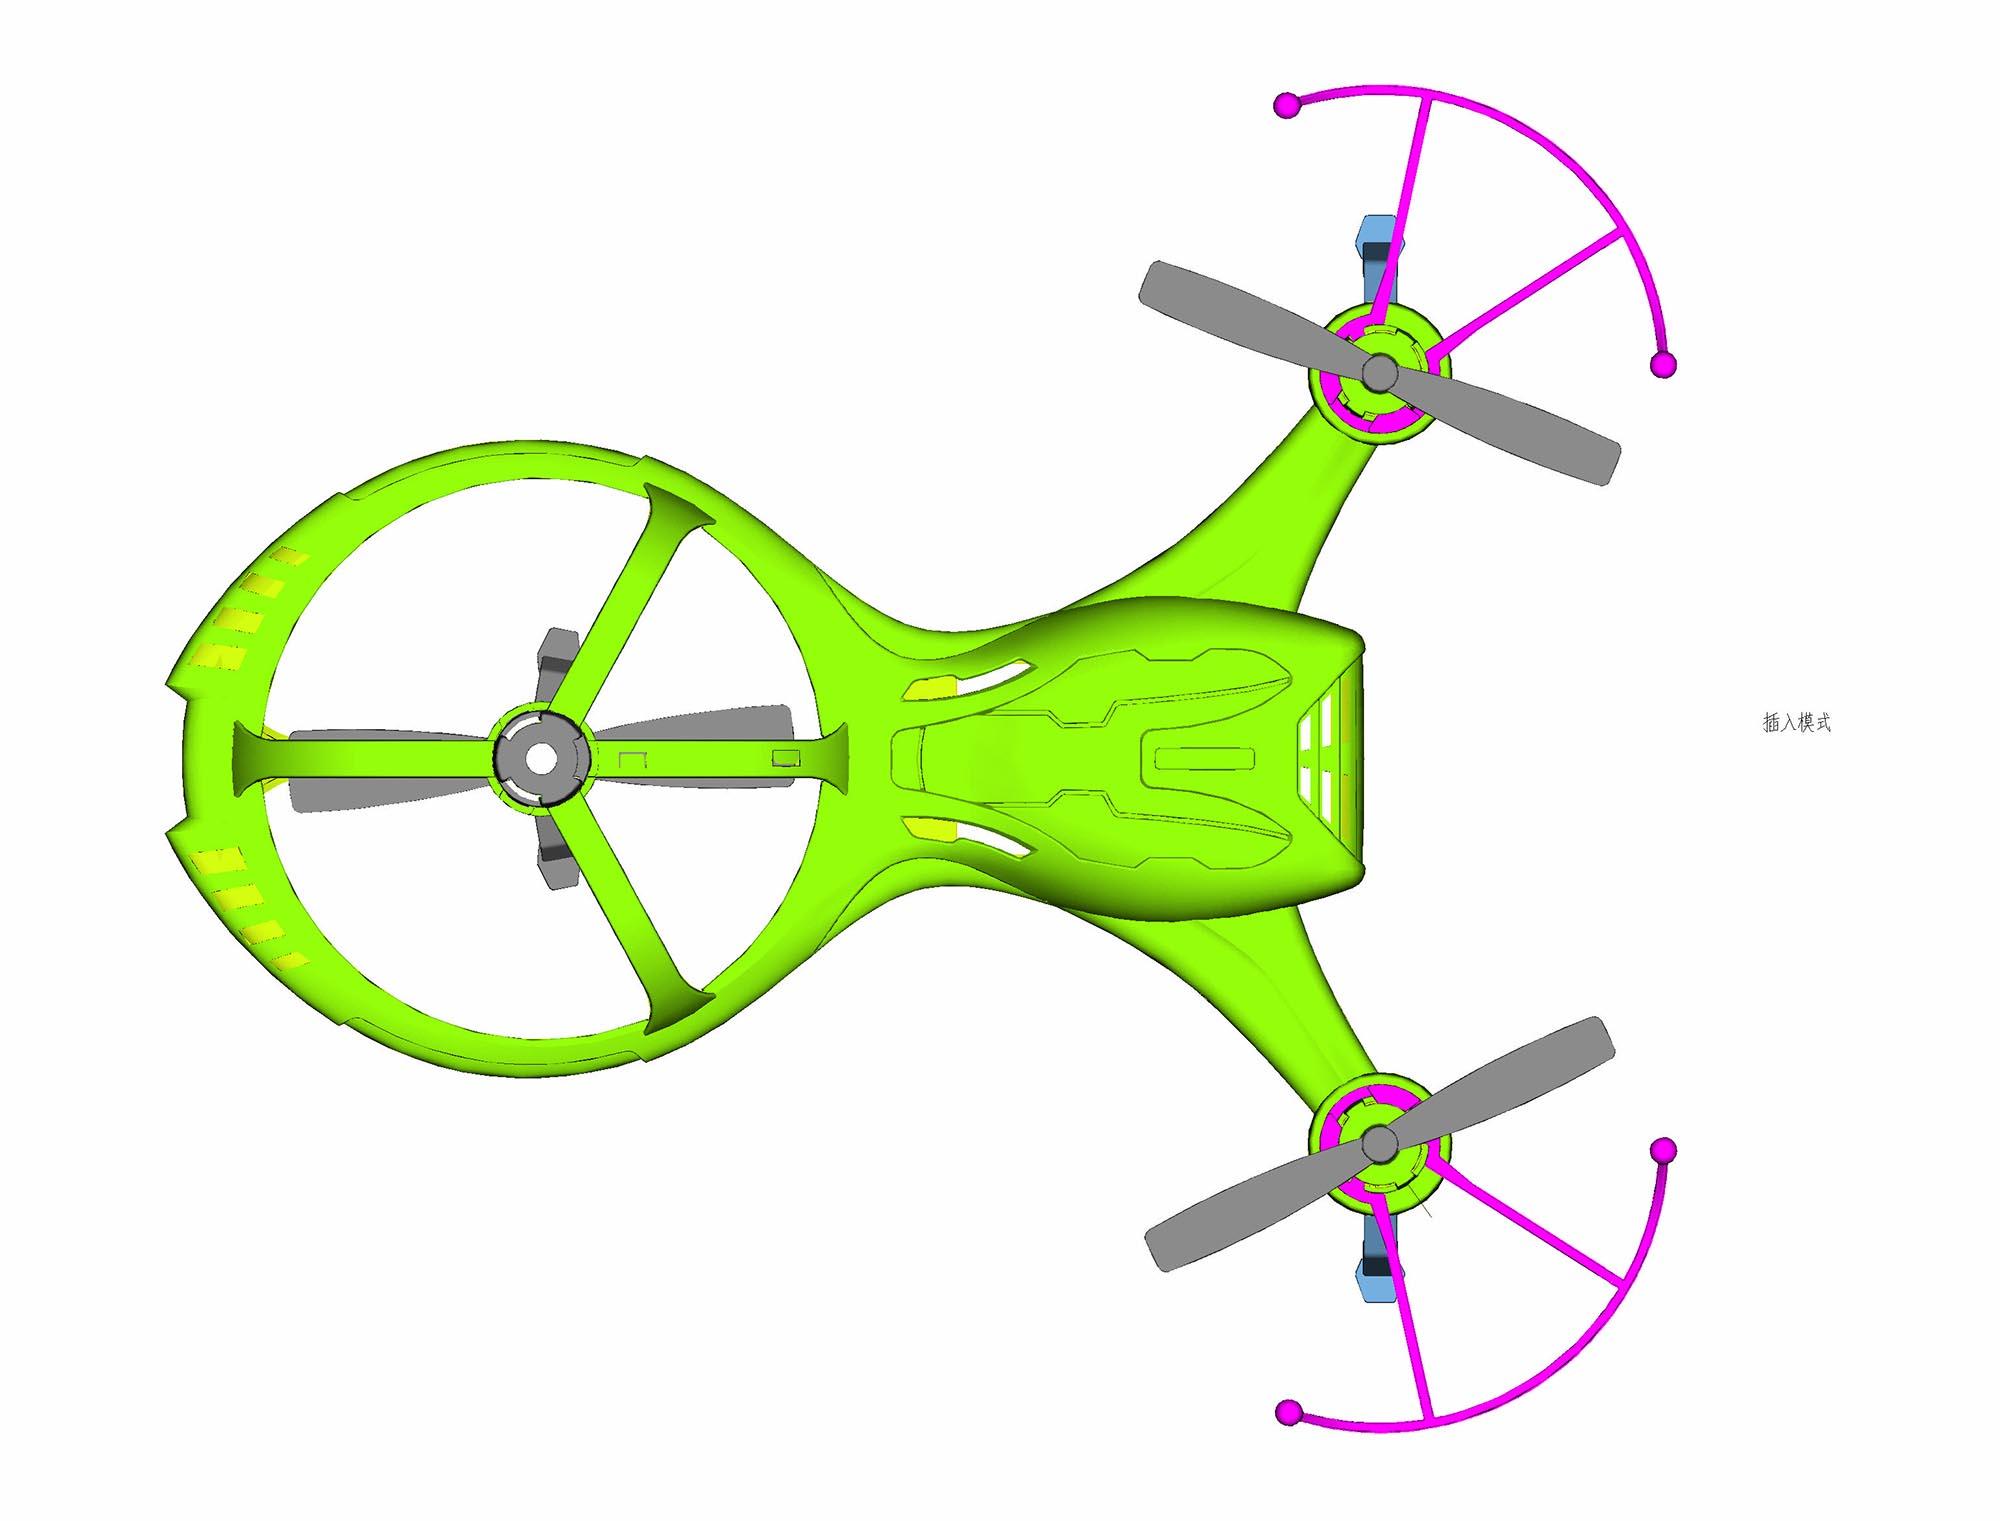 智能航模飞行器设计